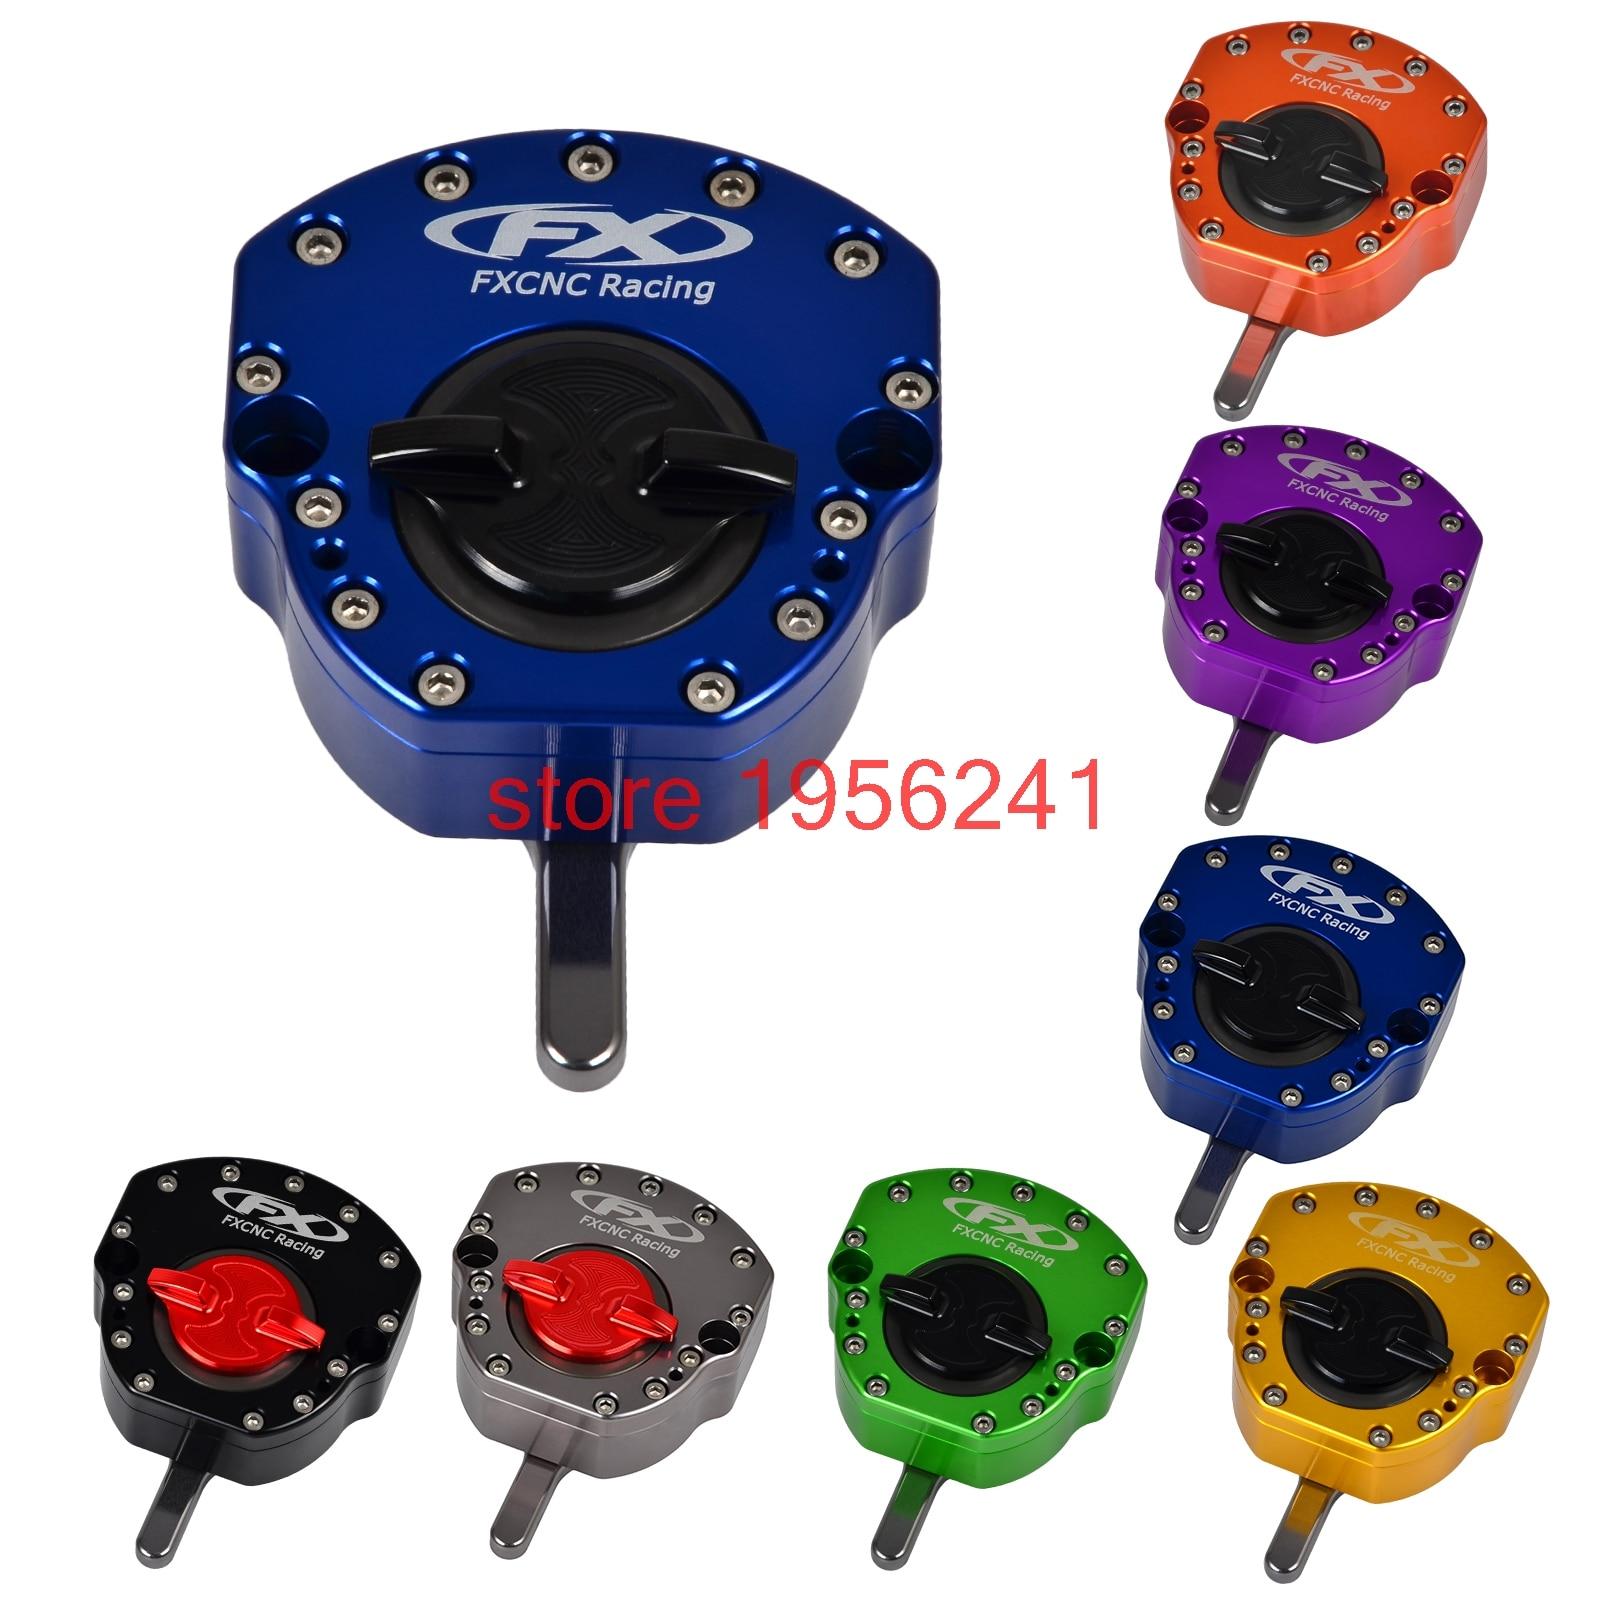 Рулевое управление ЧПУ Стабилизатор демпфер для Kawasaki ниндзя EX250R 08-12 EX300R 13-15 13-14 запросу zx6r ZX636 ZX в-6р 07-12 ZX10R на ZX-10r с 04-13